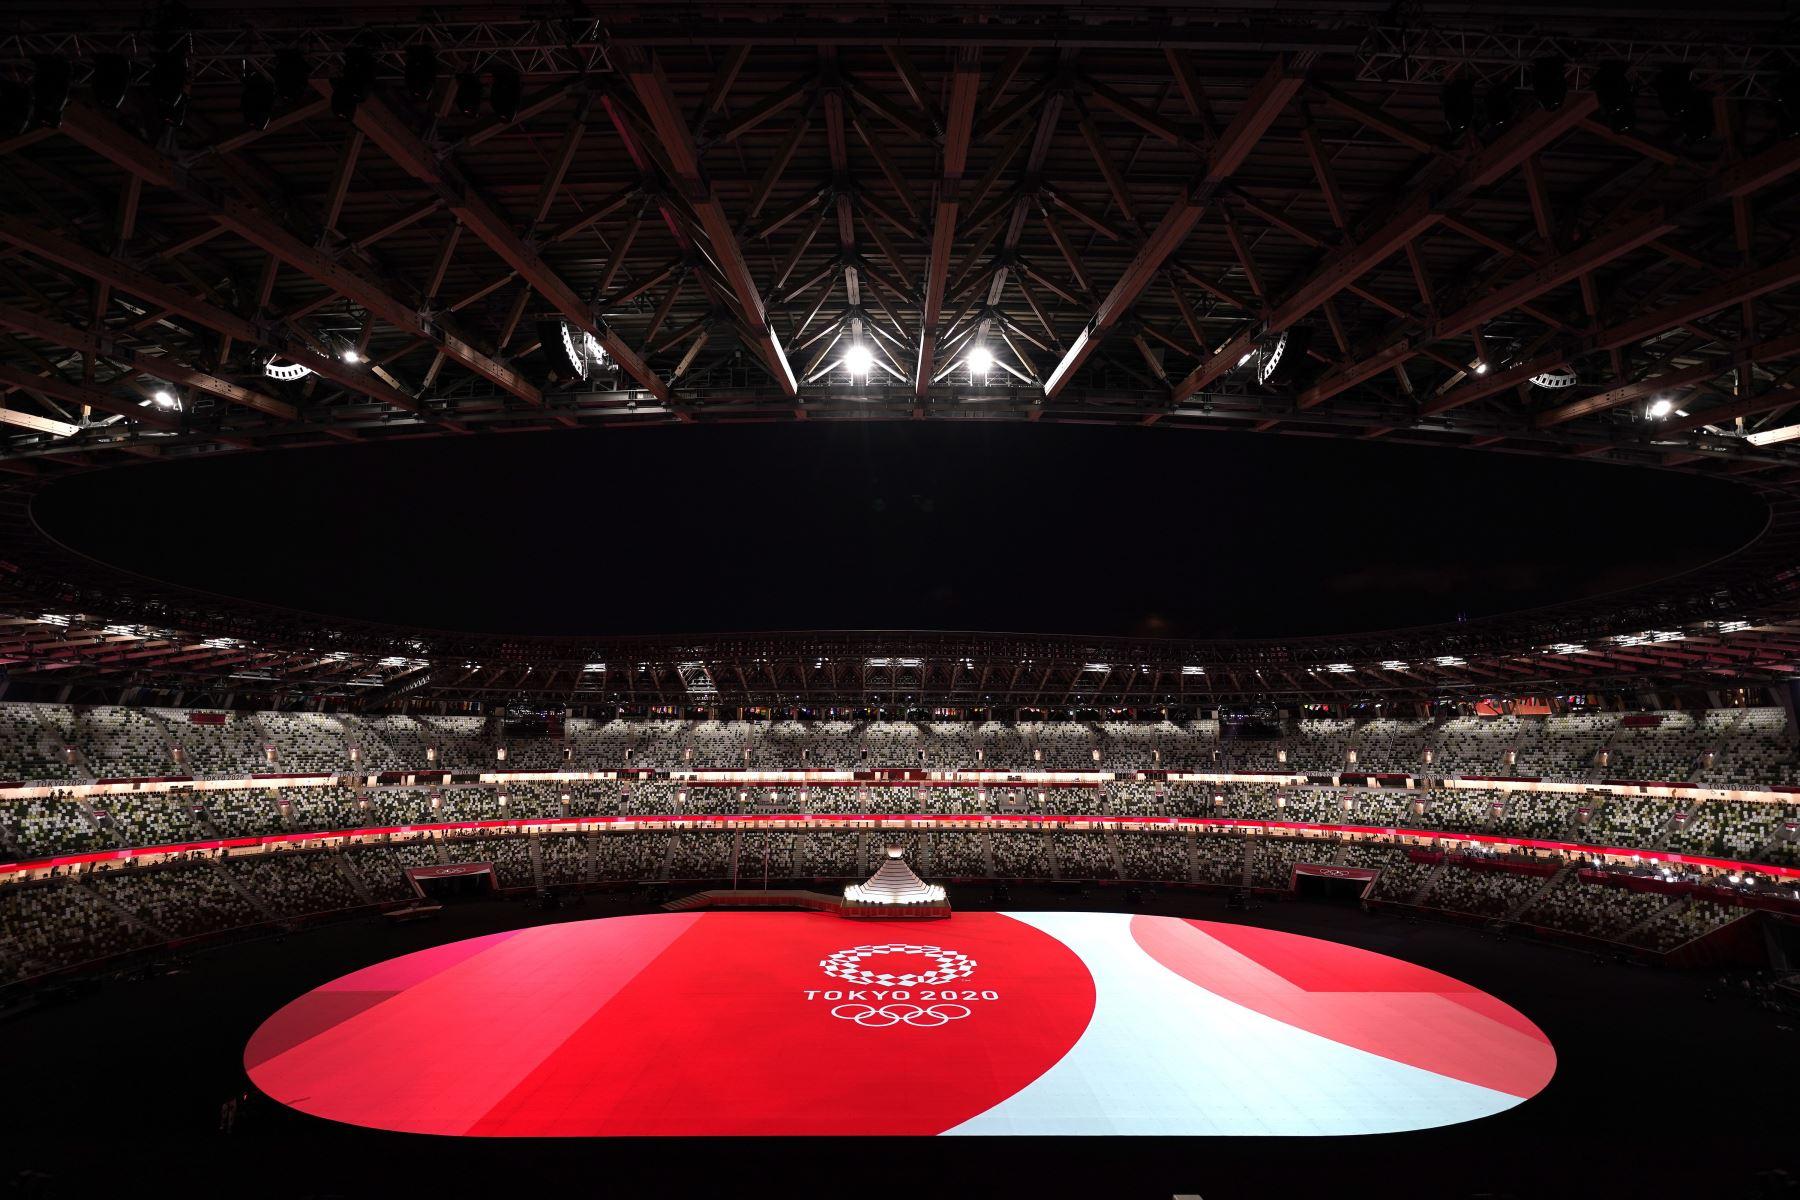 Vista general durante la Ceremonia de Apertura de los Juegos Olímpicos de Tokio 2020 en el Estadio Olímpico de Tokio, Japón. Foto: EFE